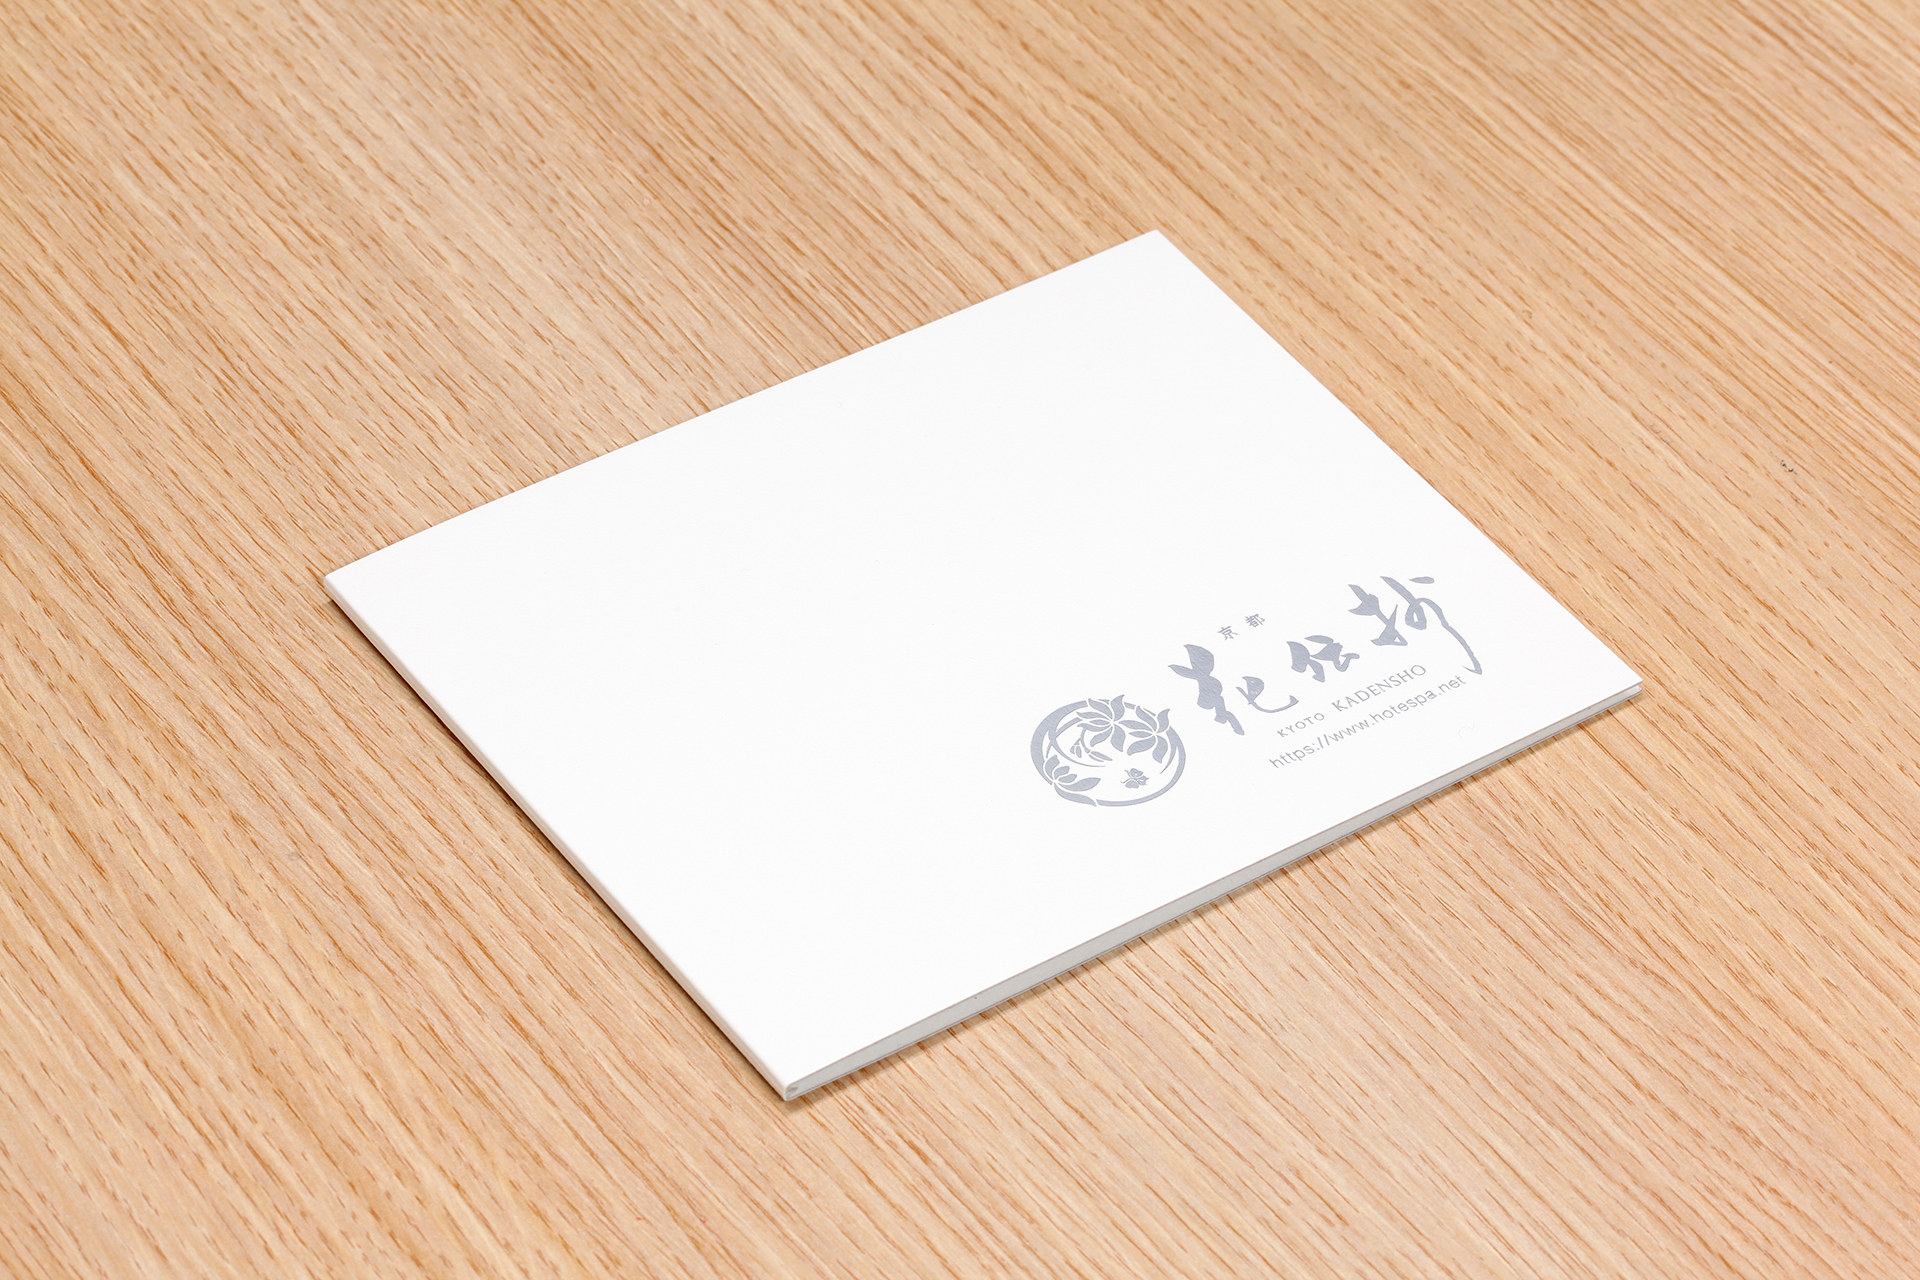 【オリジナルパッケージ】温泉旅館ペーパーフォトフレーム